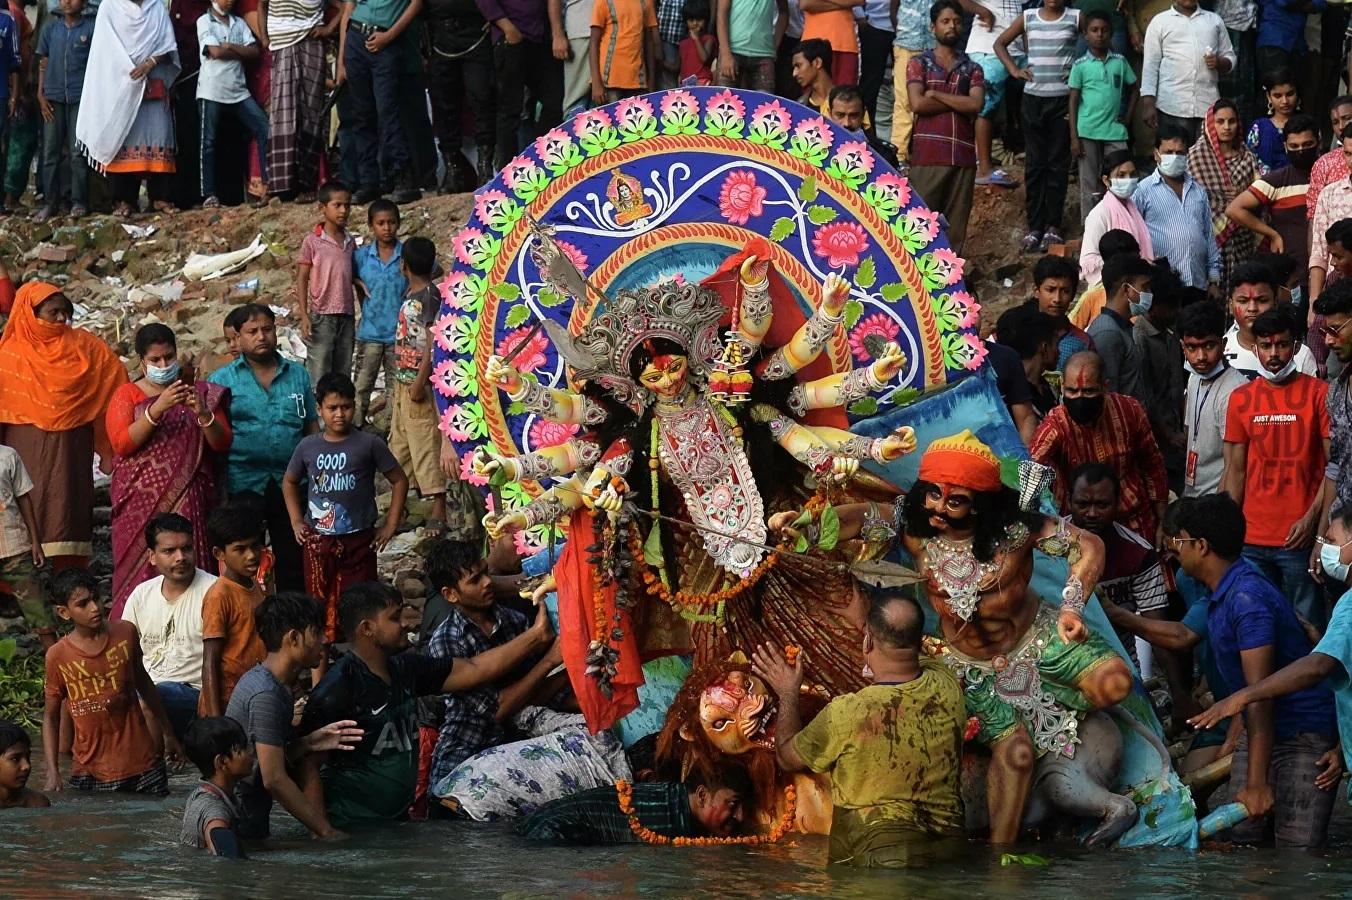 Những người theo đạo Hindu bên cạnh tượng đất sét nữ thần Durga trong ngày cuối cùng của lễ hội Durga Puja.